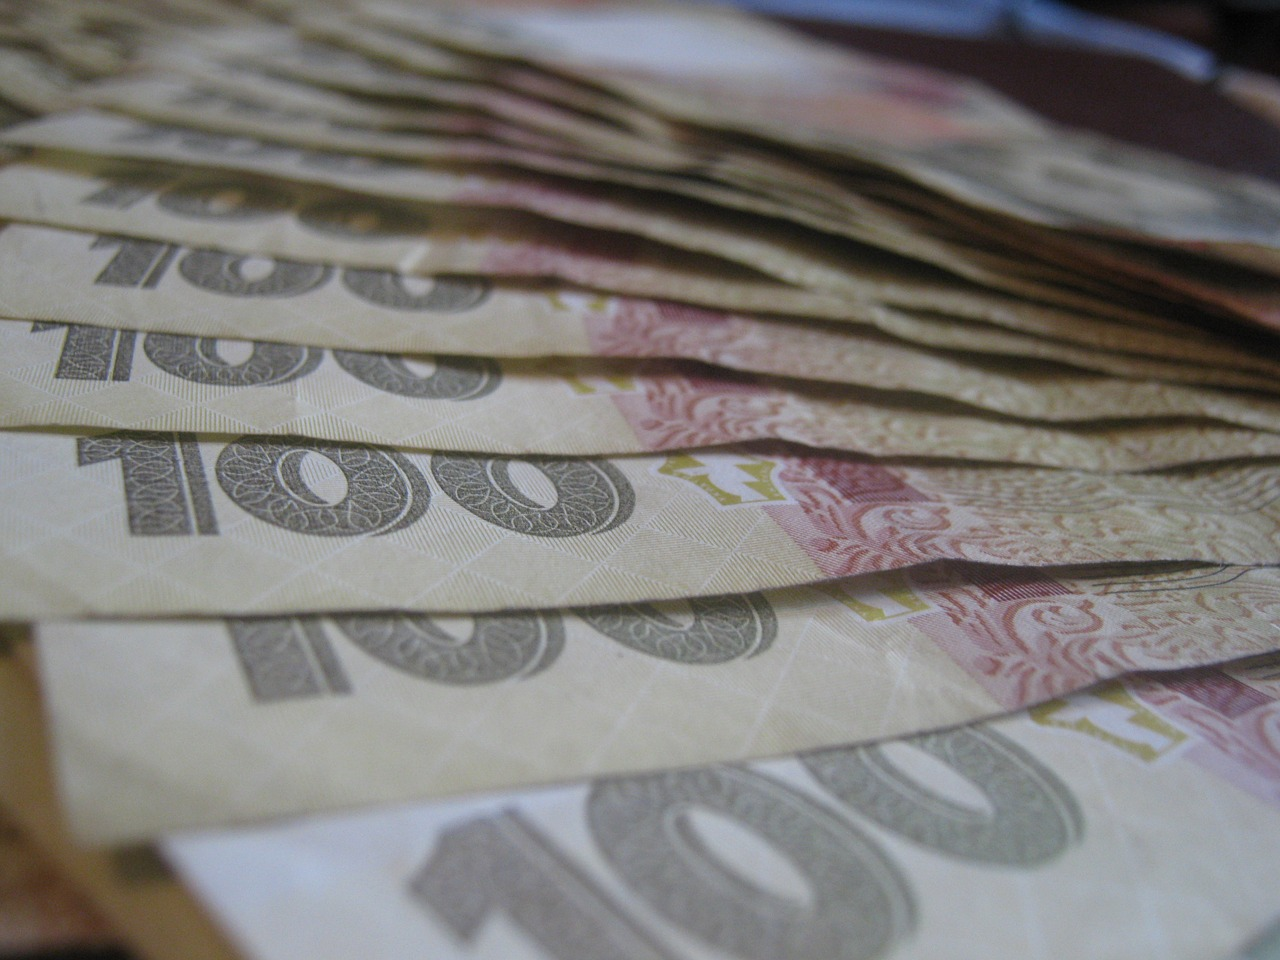 МХП за три роки сплатив 11,4 млрд гривень податків